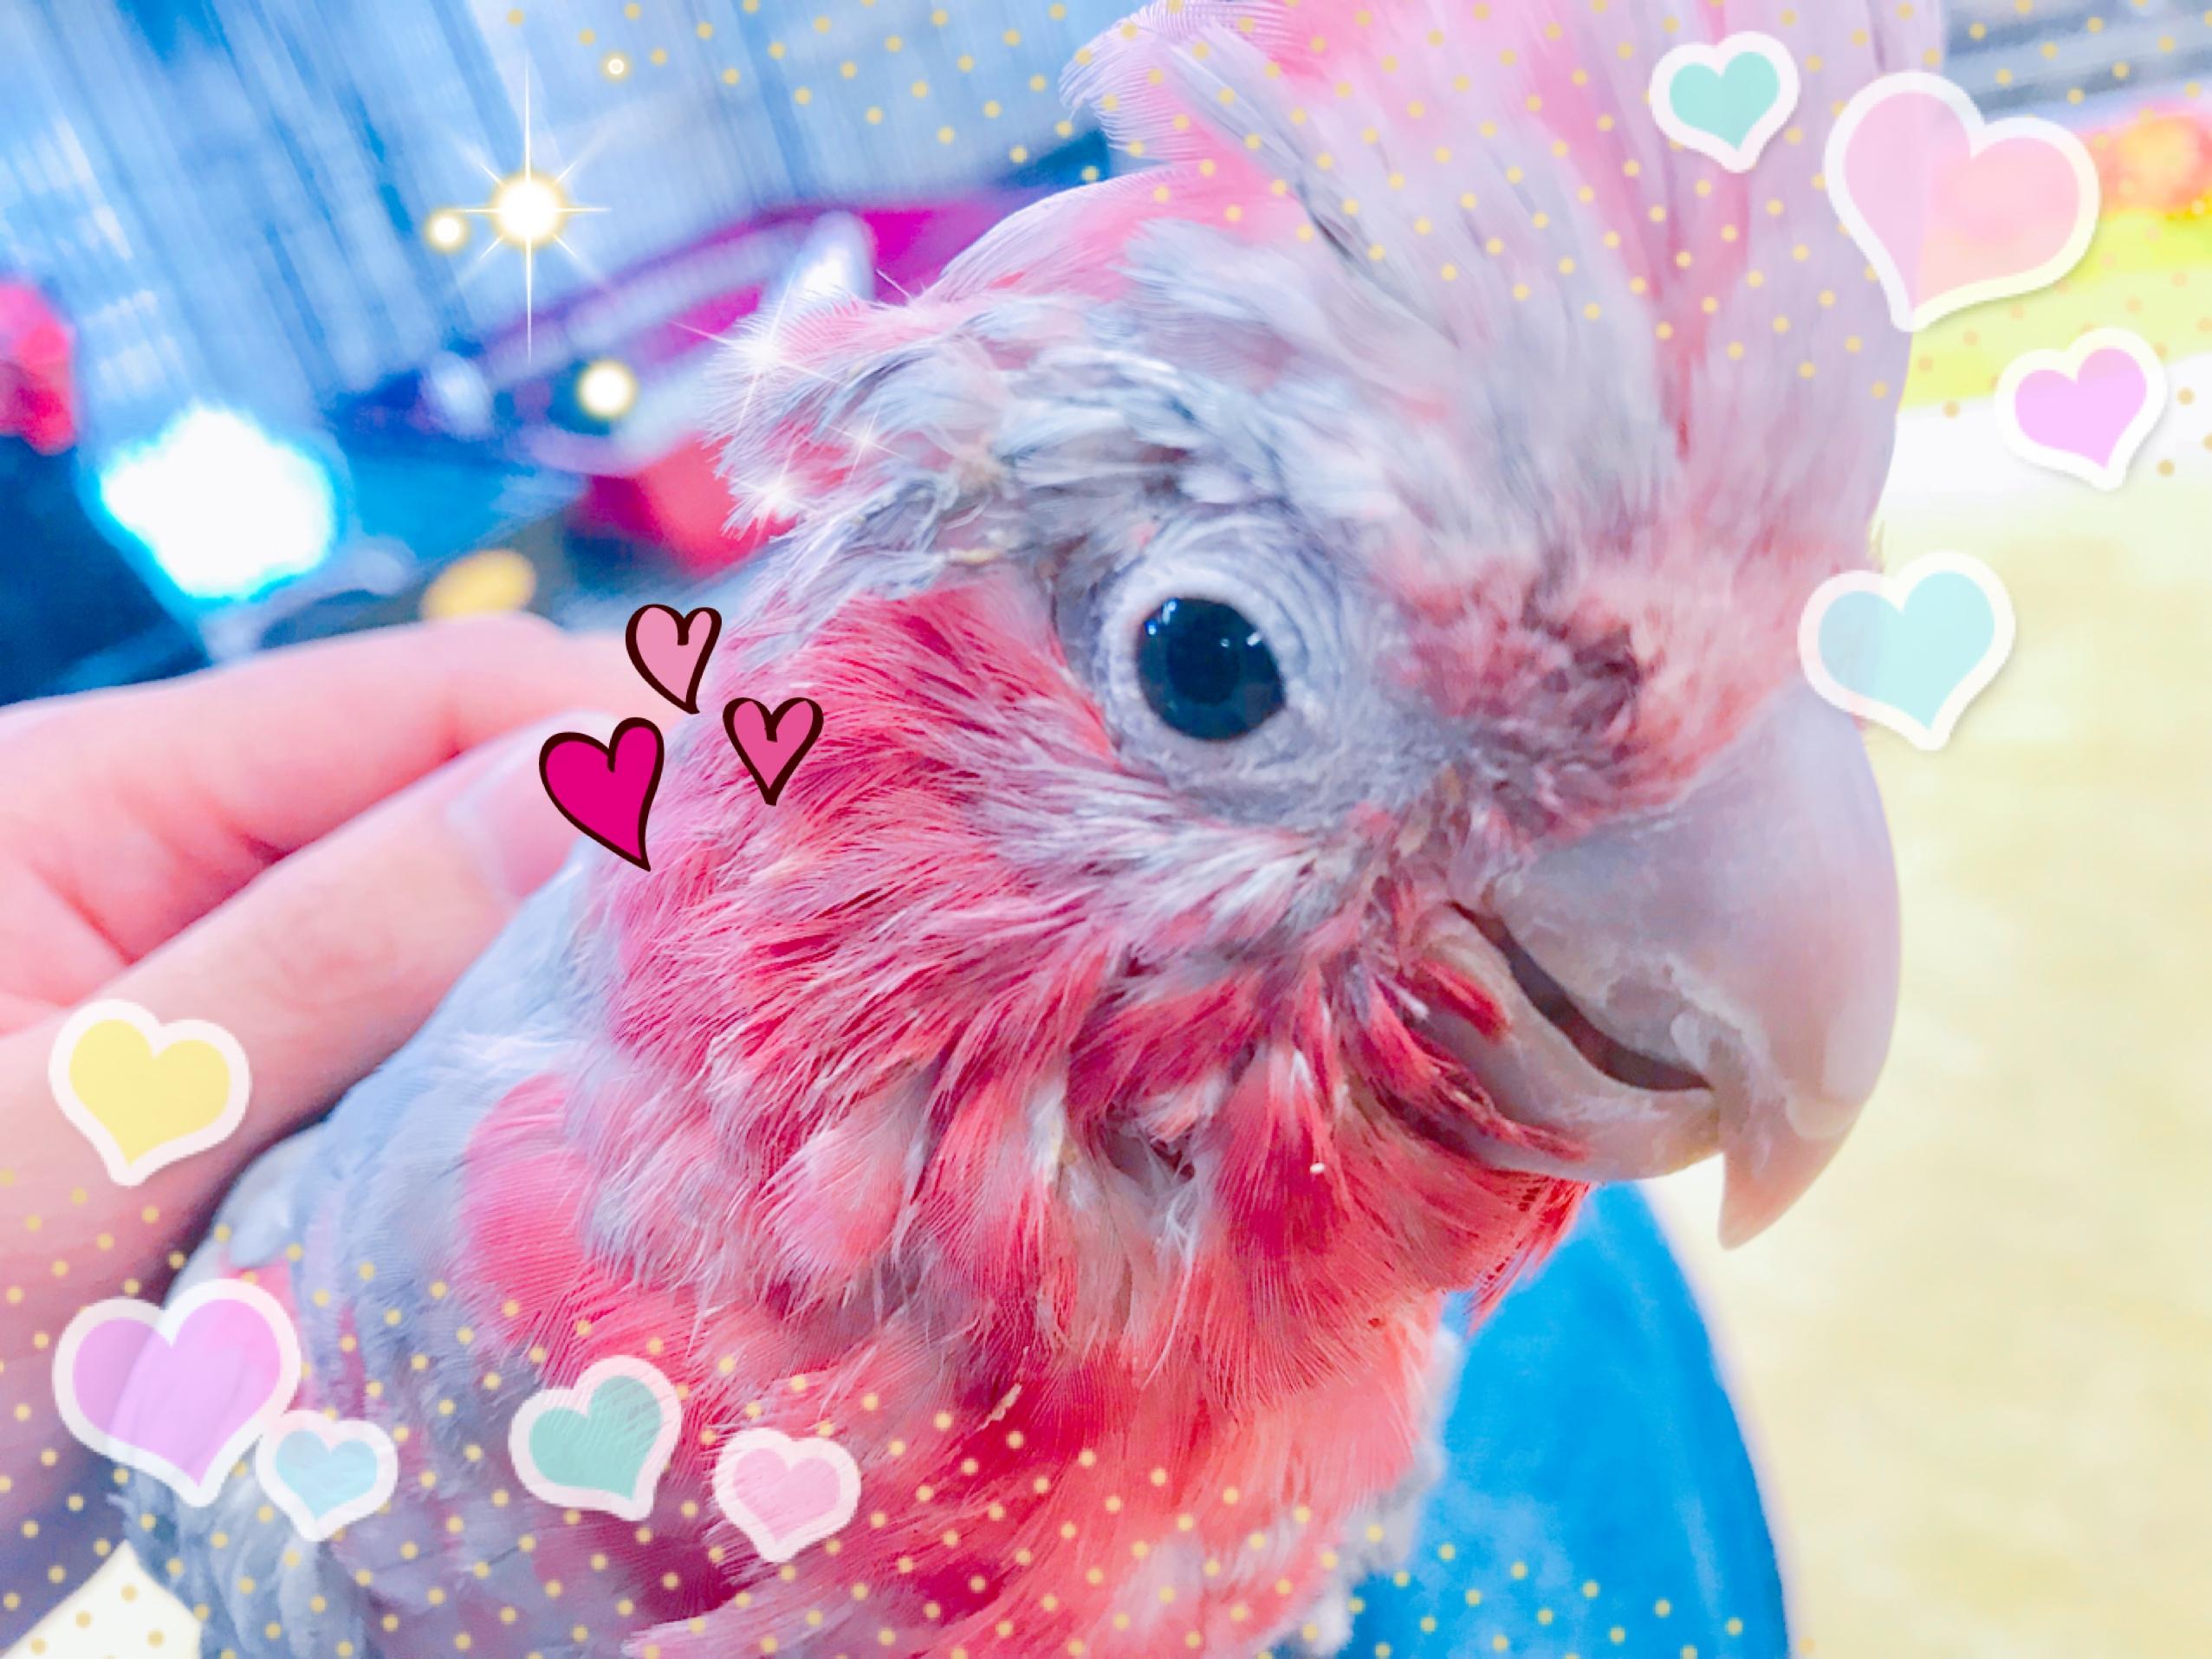 ピンク色の天使♡♡ラブリーモモちゃん襲来だぁぁぁあああ!!!!!@インター小動物